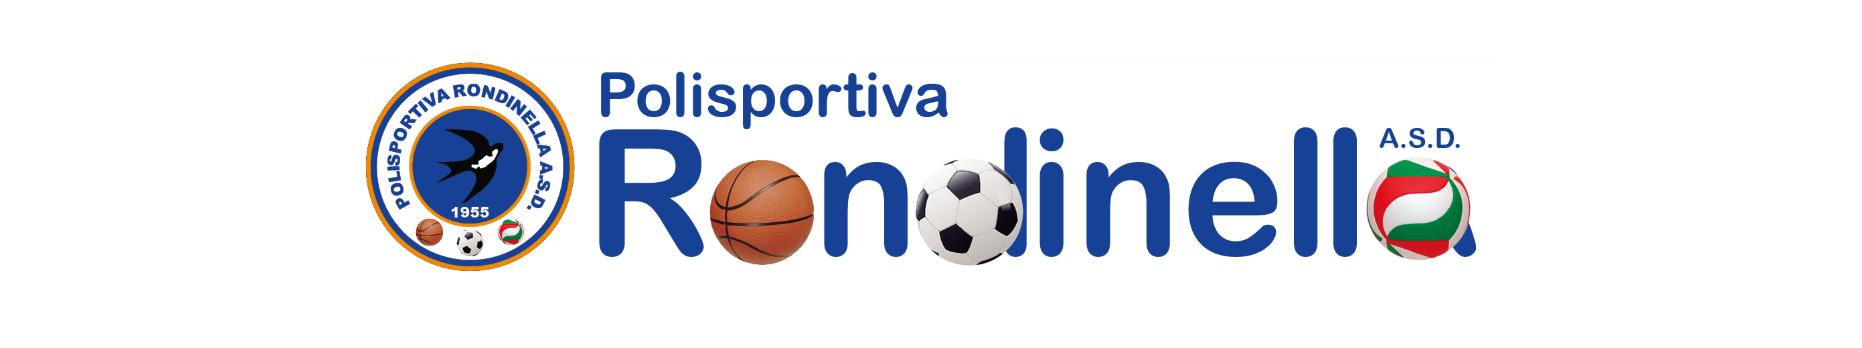 Associazione G.S. - Rondinella Volley ASD - logo